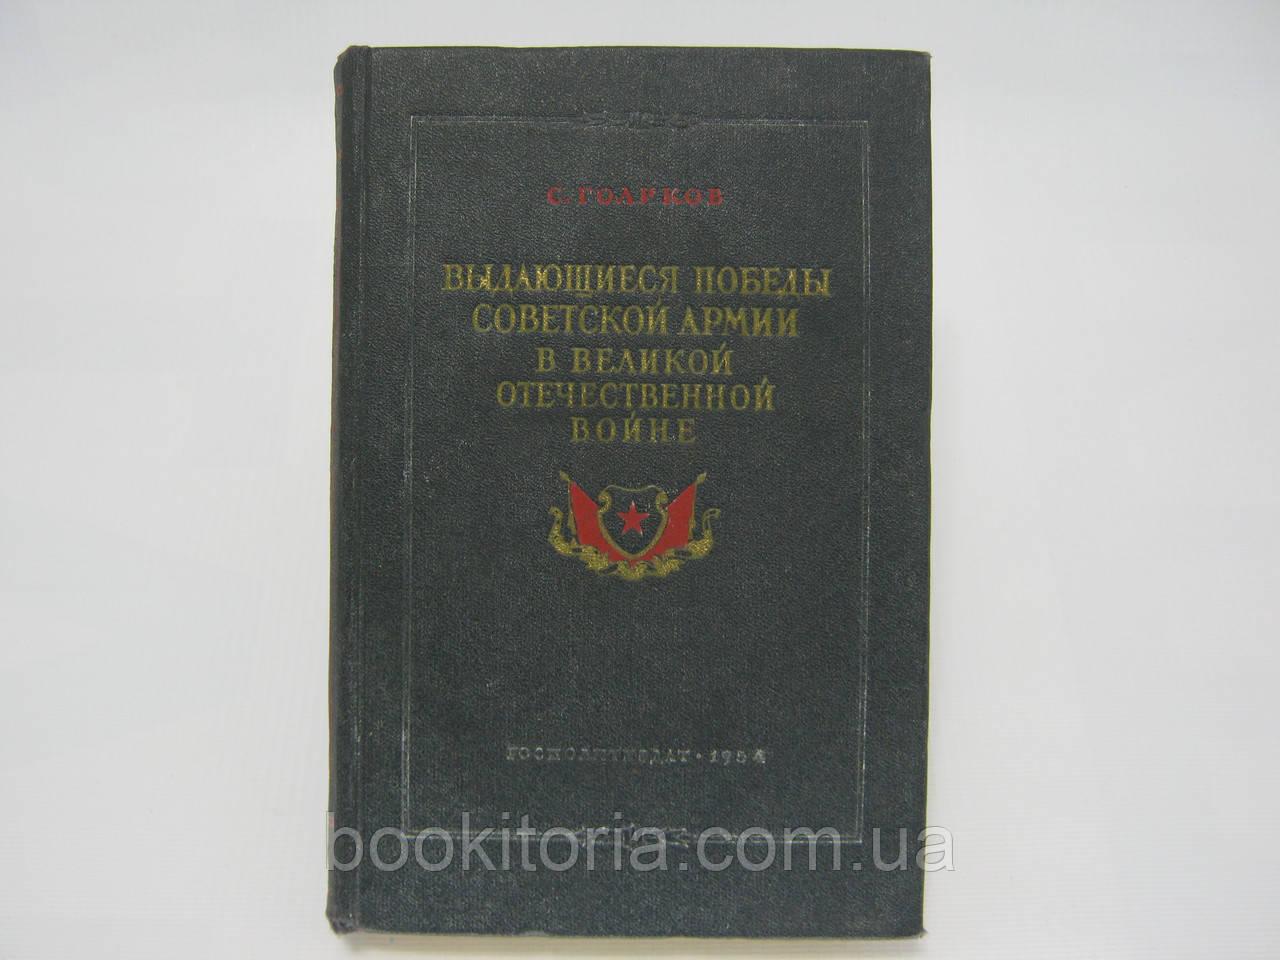 Голиков С. Выдающиеся победы Советской армии в Великой Отечественной войне (б/у).